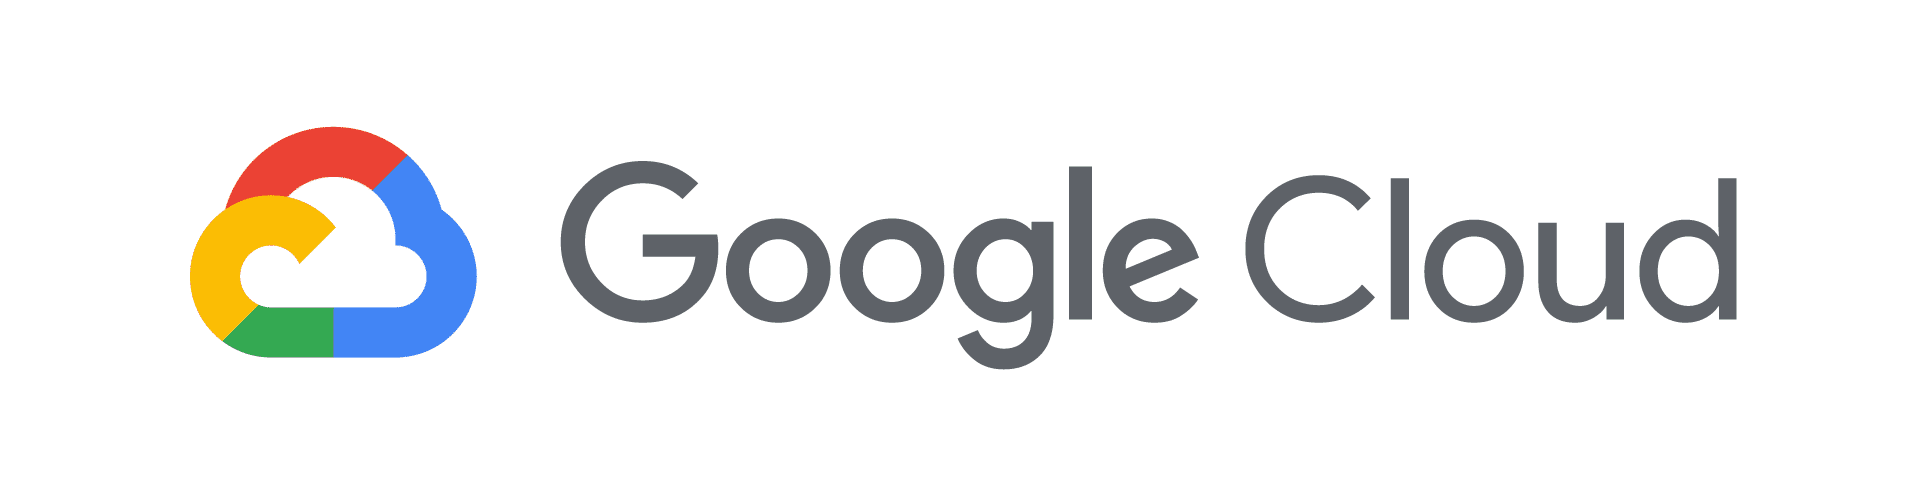 Google Cloud - CPH digital